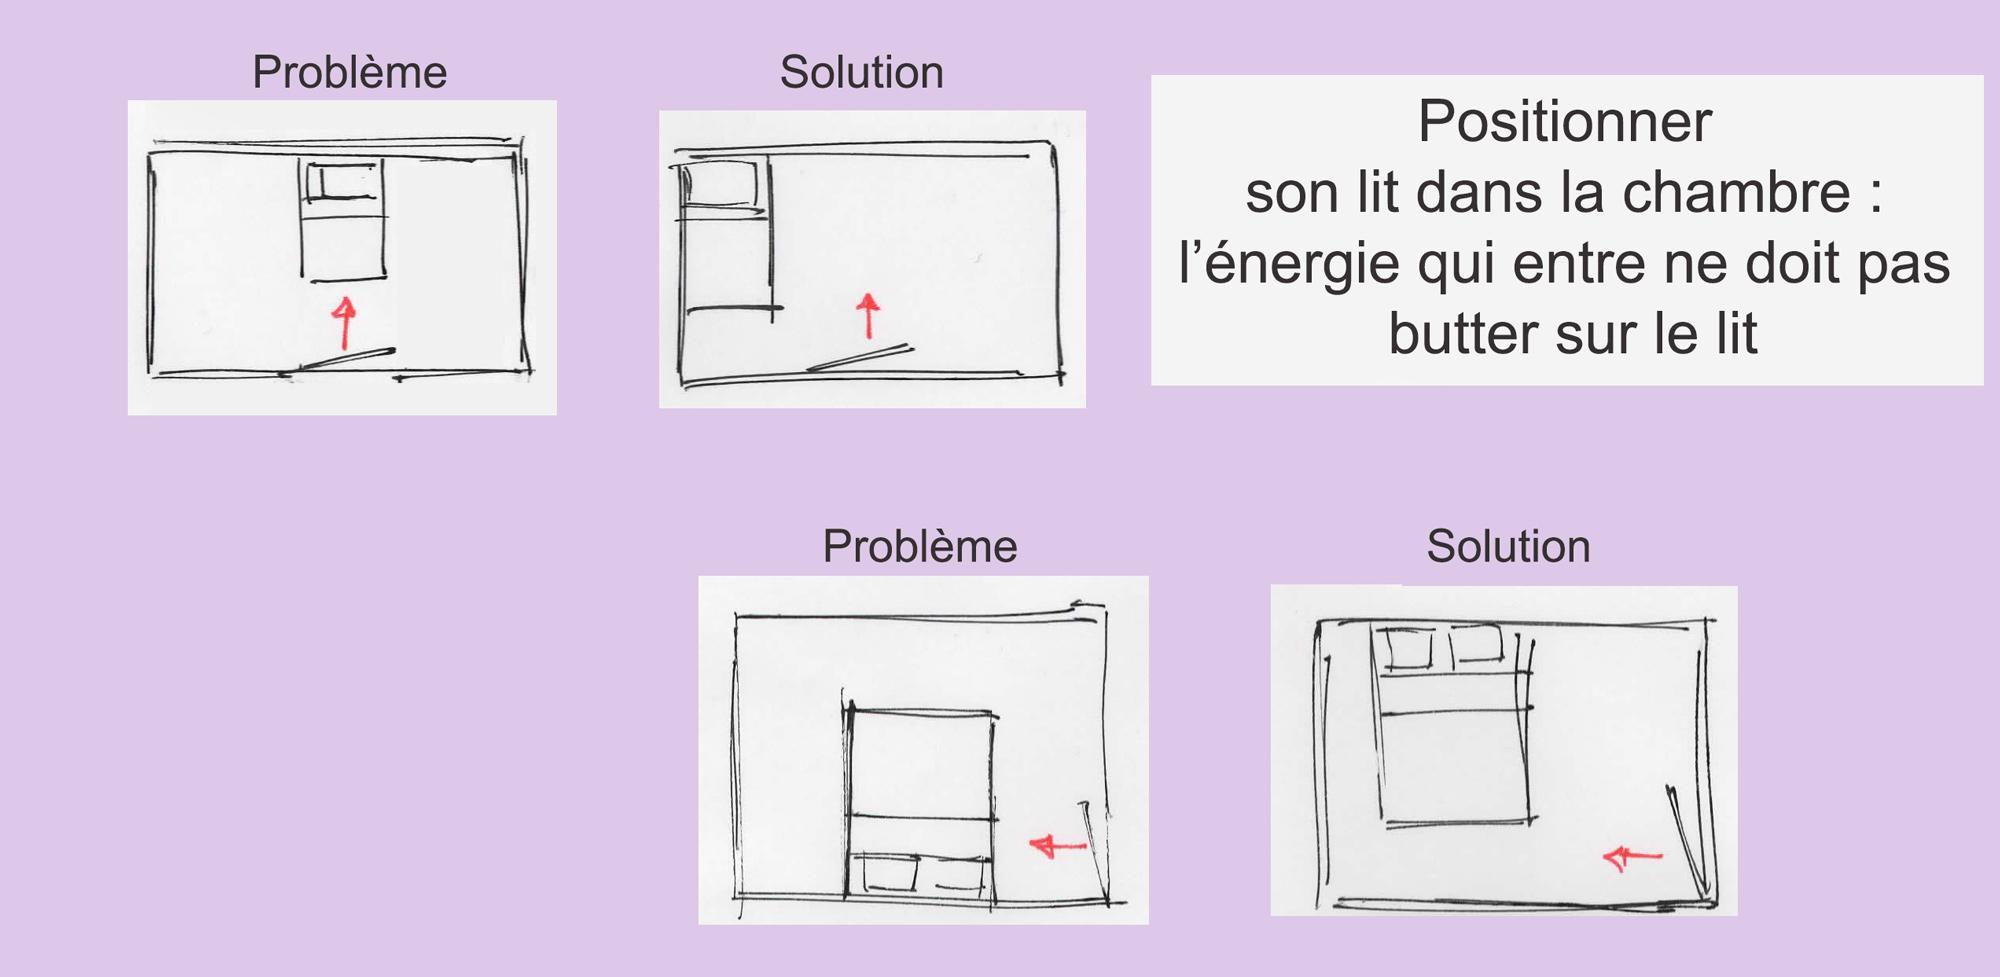 voici les principaux principes garder en tte pour amnager la chambre dun enfant